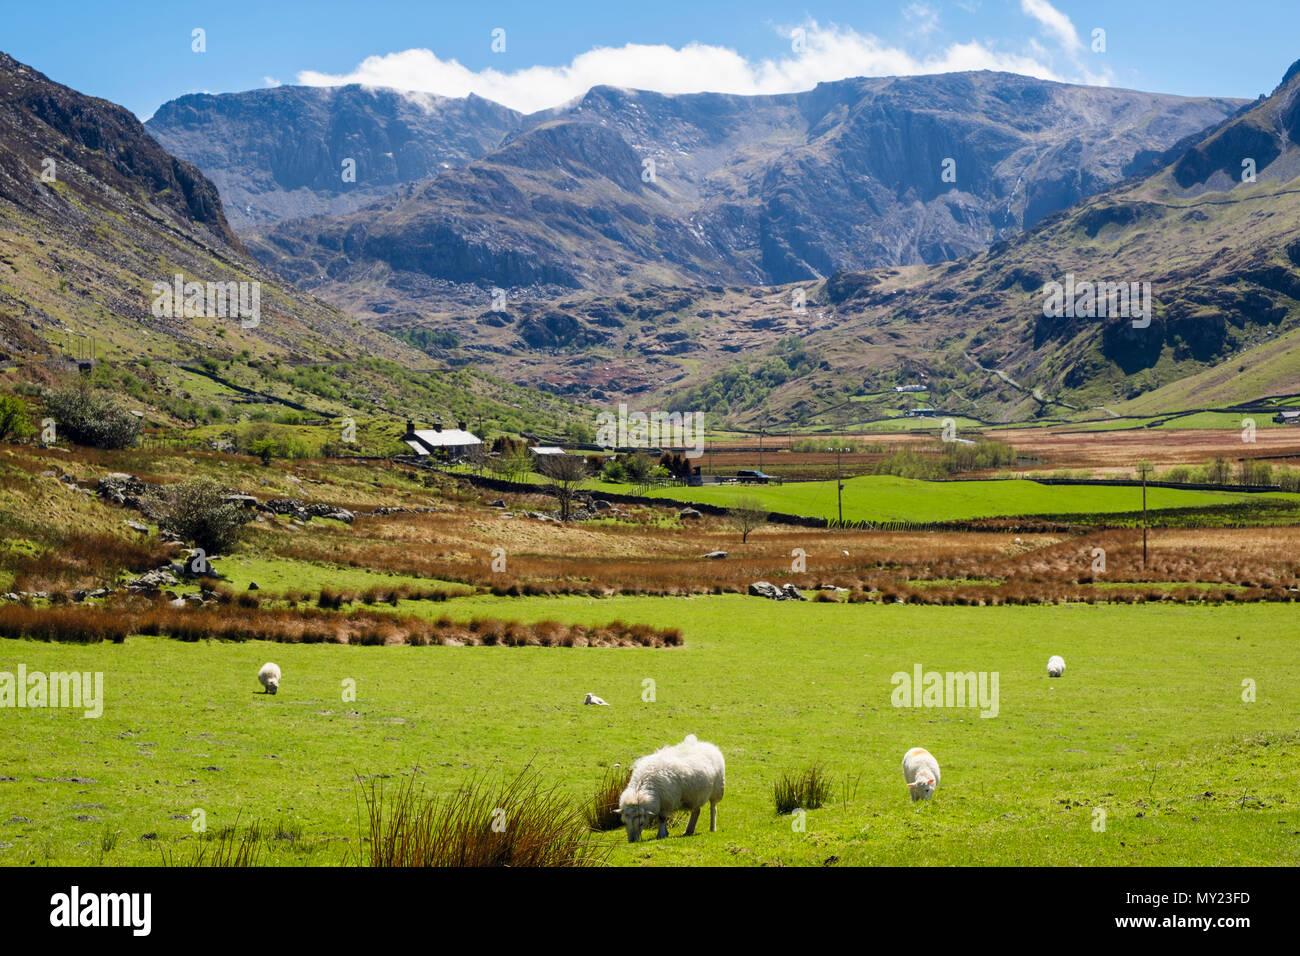 Mirando hacia el valle de Nant Ffrancon hasta las montañas Glyderau con ovejas pastando en campos rurales en el Parque Nacional de Snowdonia. Ogwen BethesdaNorth Gales del Reino Unido Foto de stock